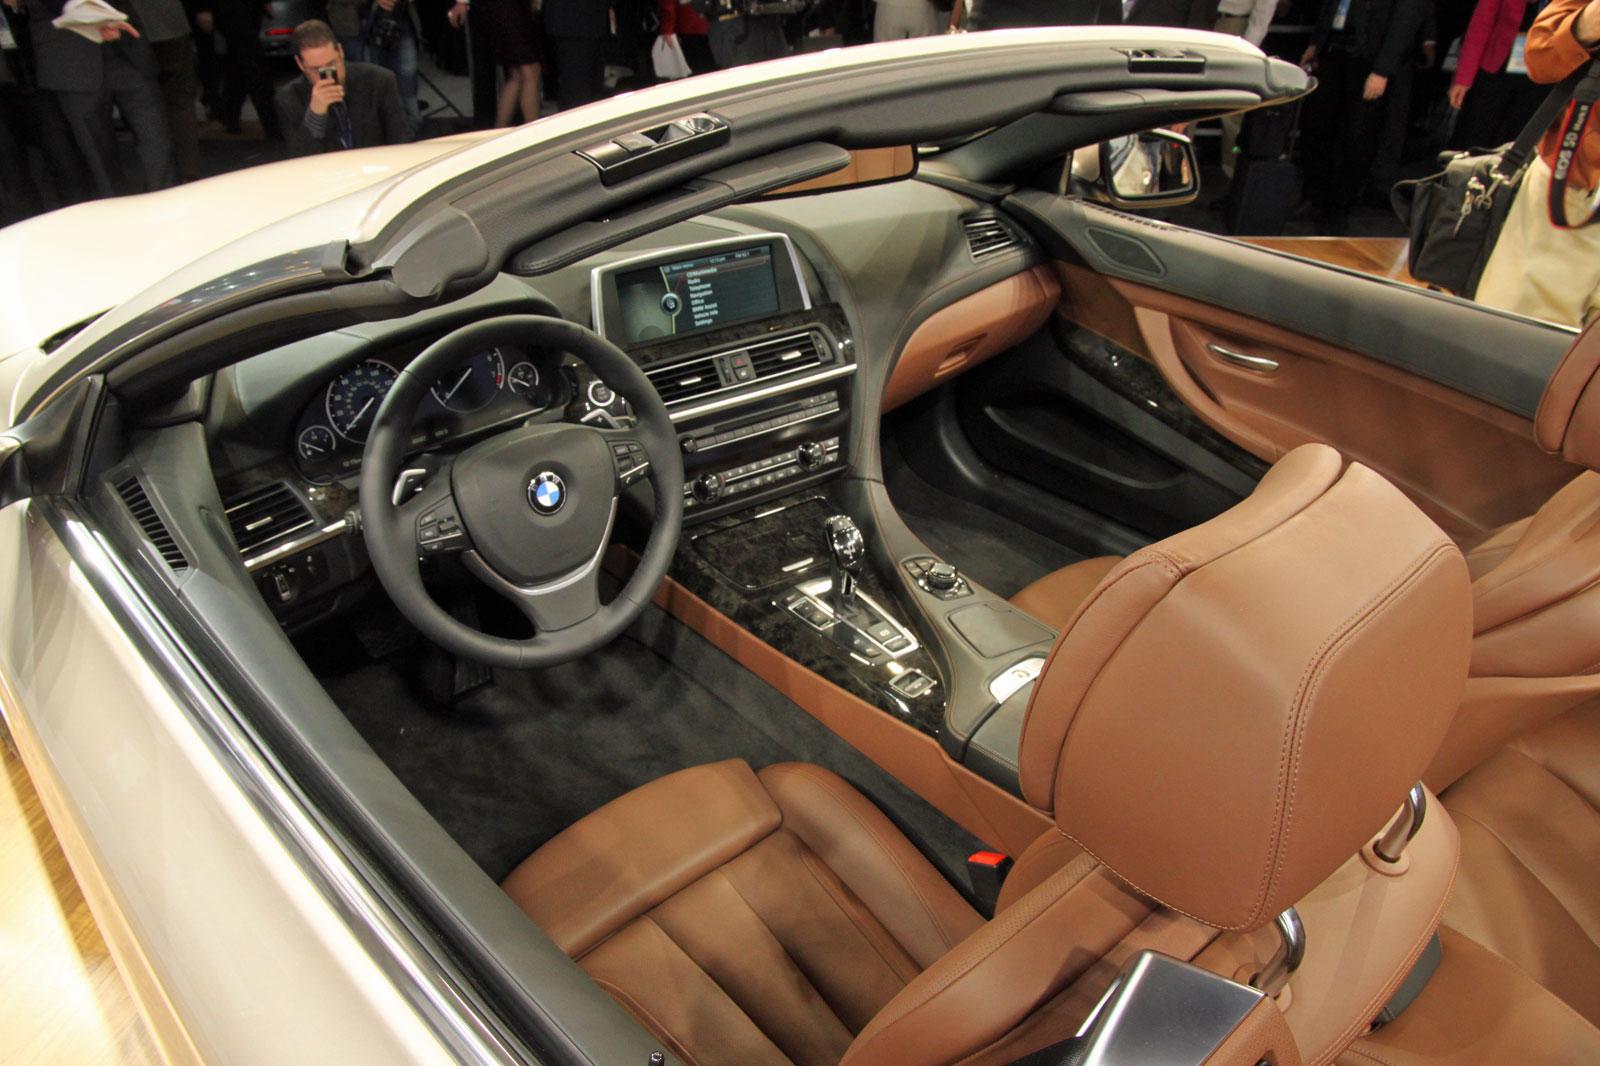 2012 BMW 6 Series Convertible (F13) at 2011 NAIAS